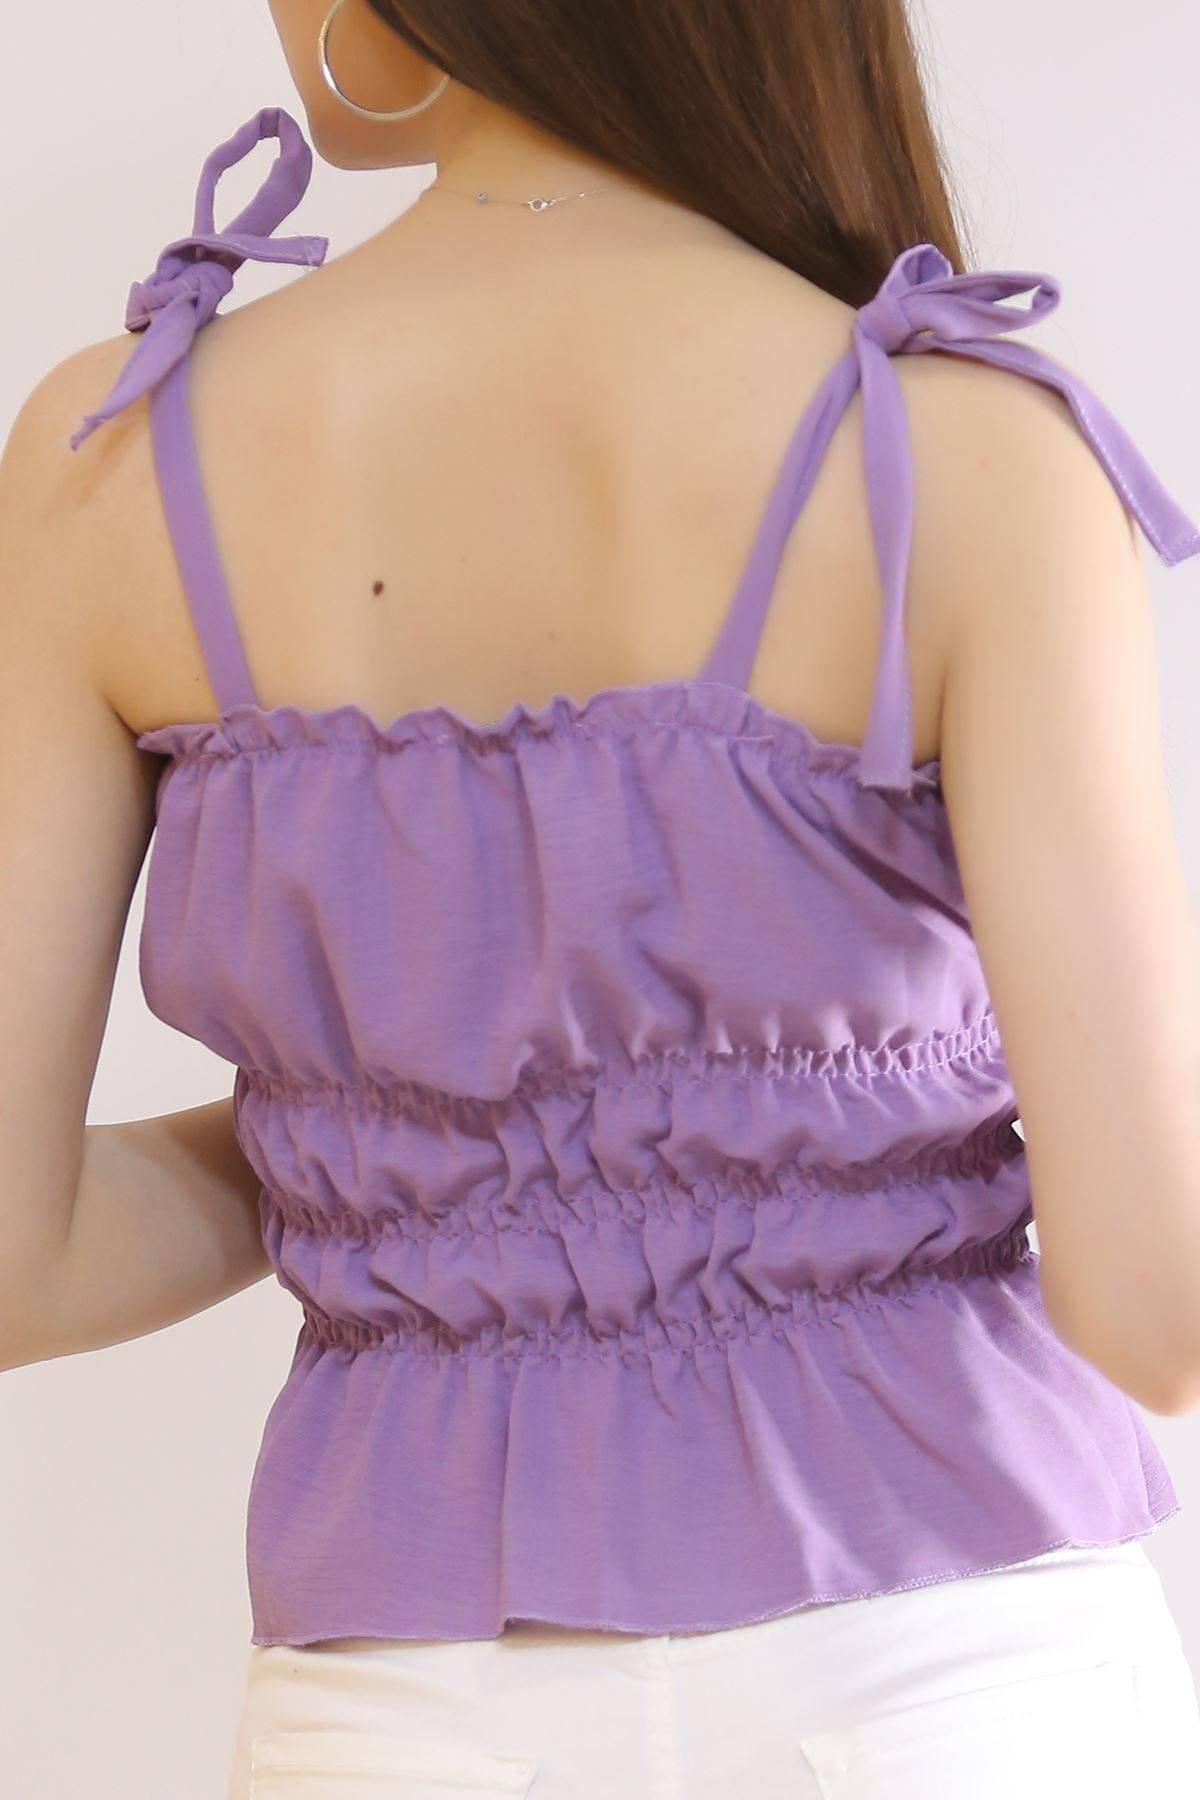 İp Askılı Gipeli Bluz Lila - 7109.224.